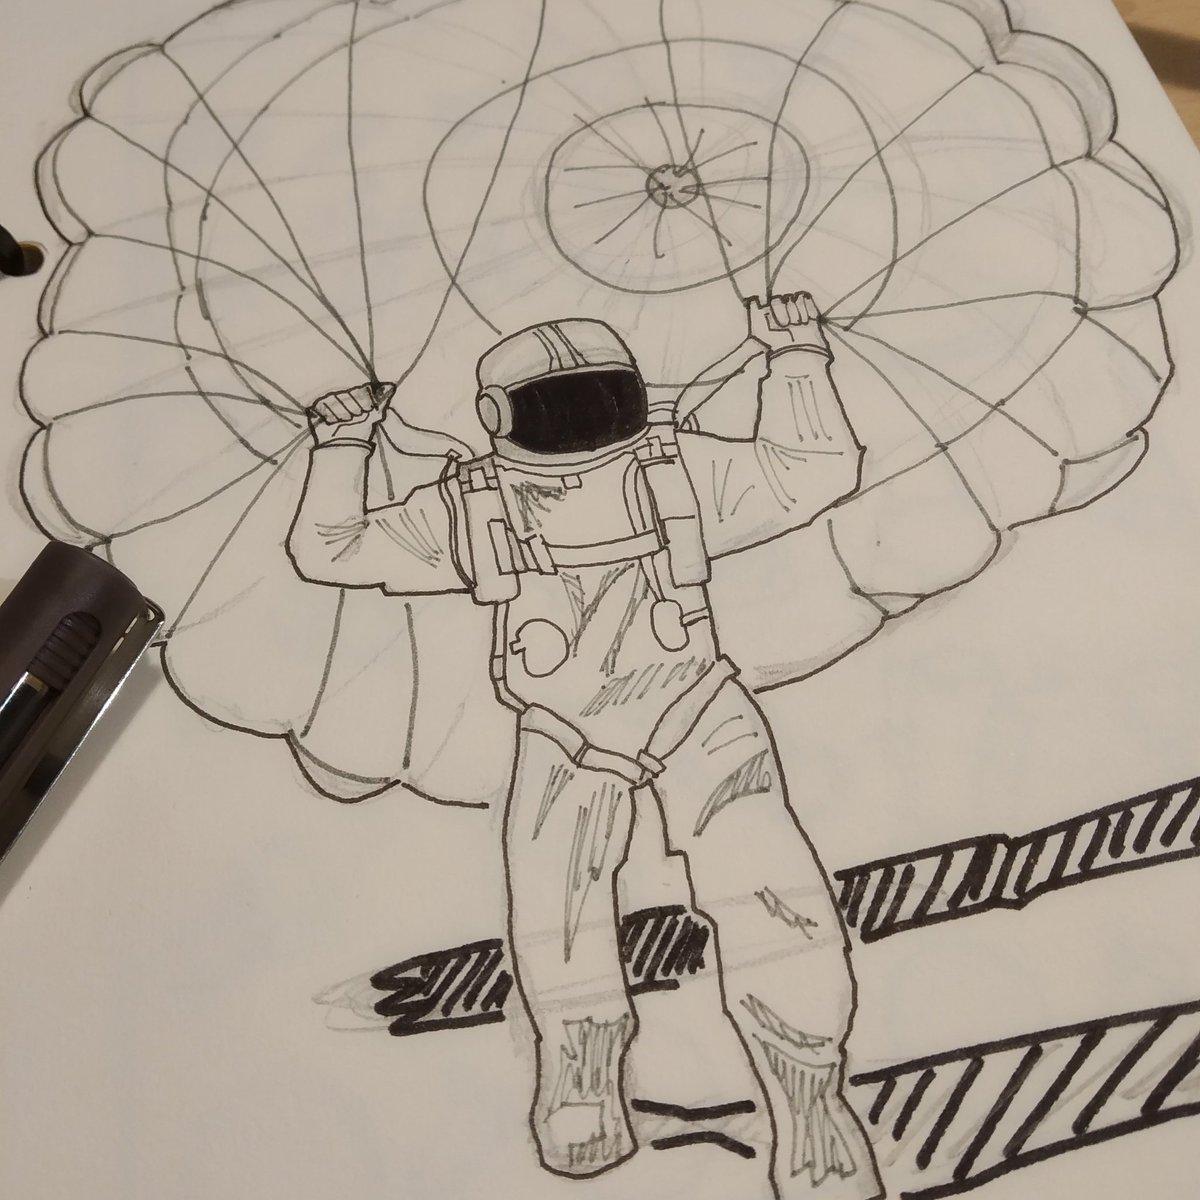 Ahí arriba es un mundo distinto... #Drawing #Dibujo #Sketching #InktoberDay9 #Swing